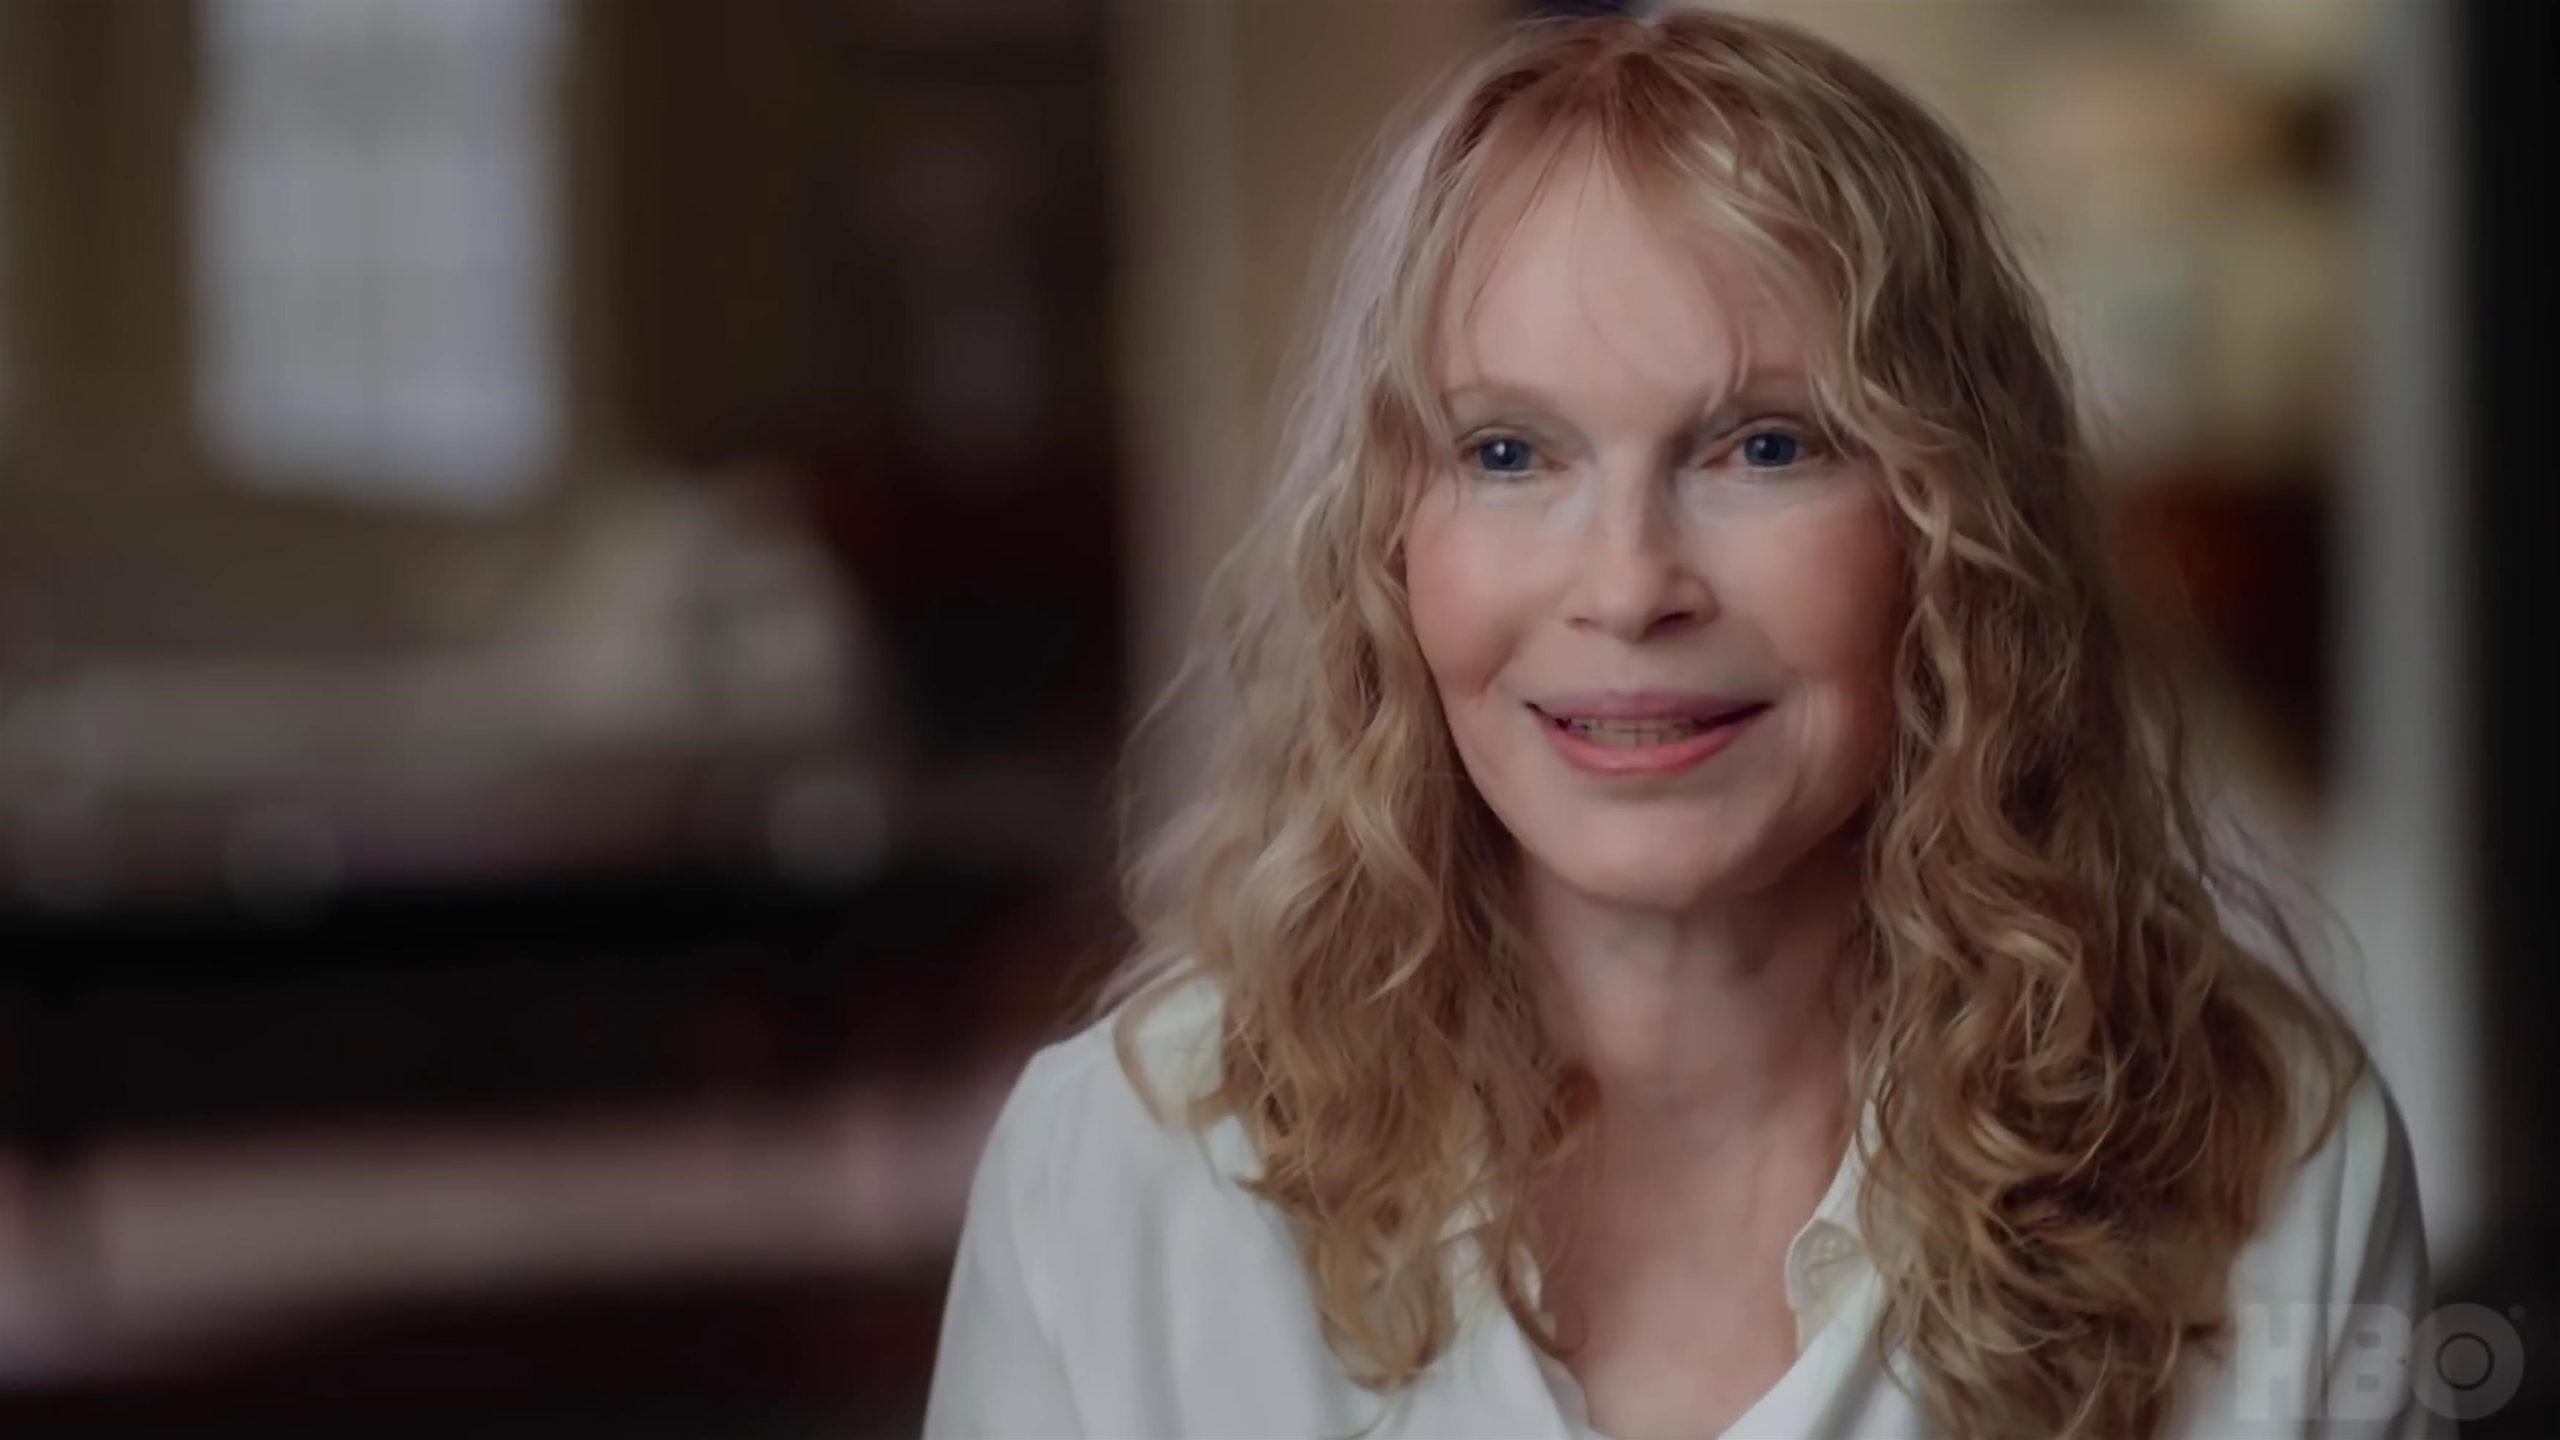 A imagem é uma cena do documentário, em que Mia Farrow está dando um depoimento.